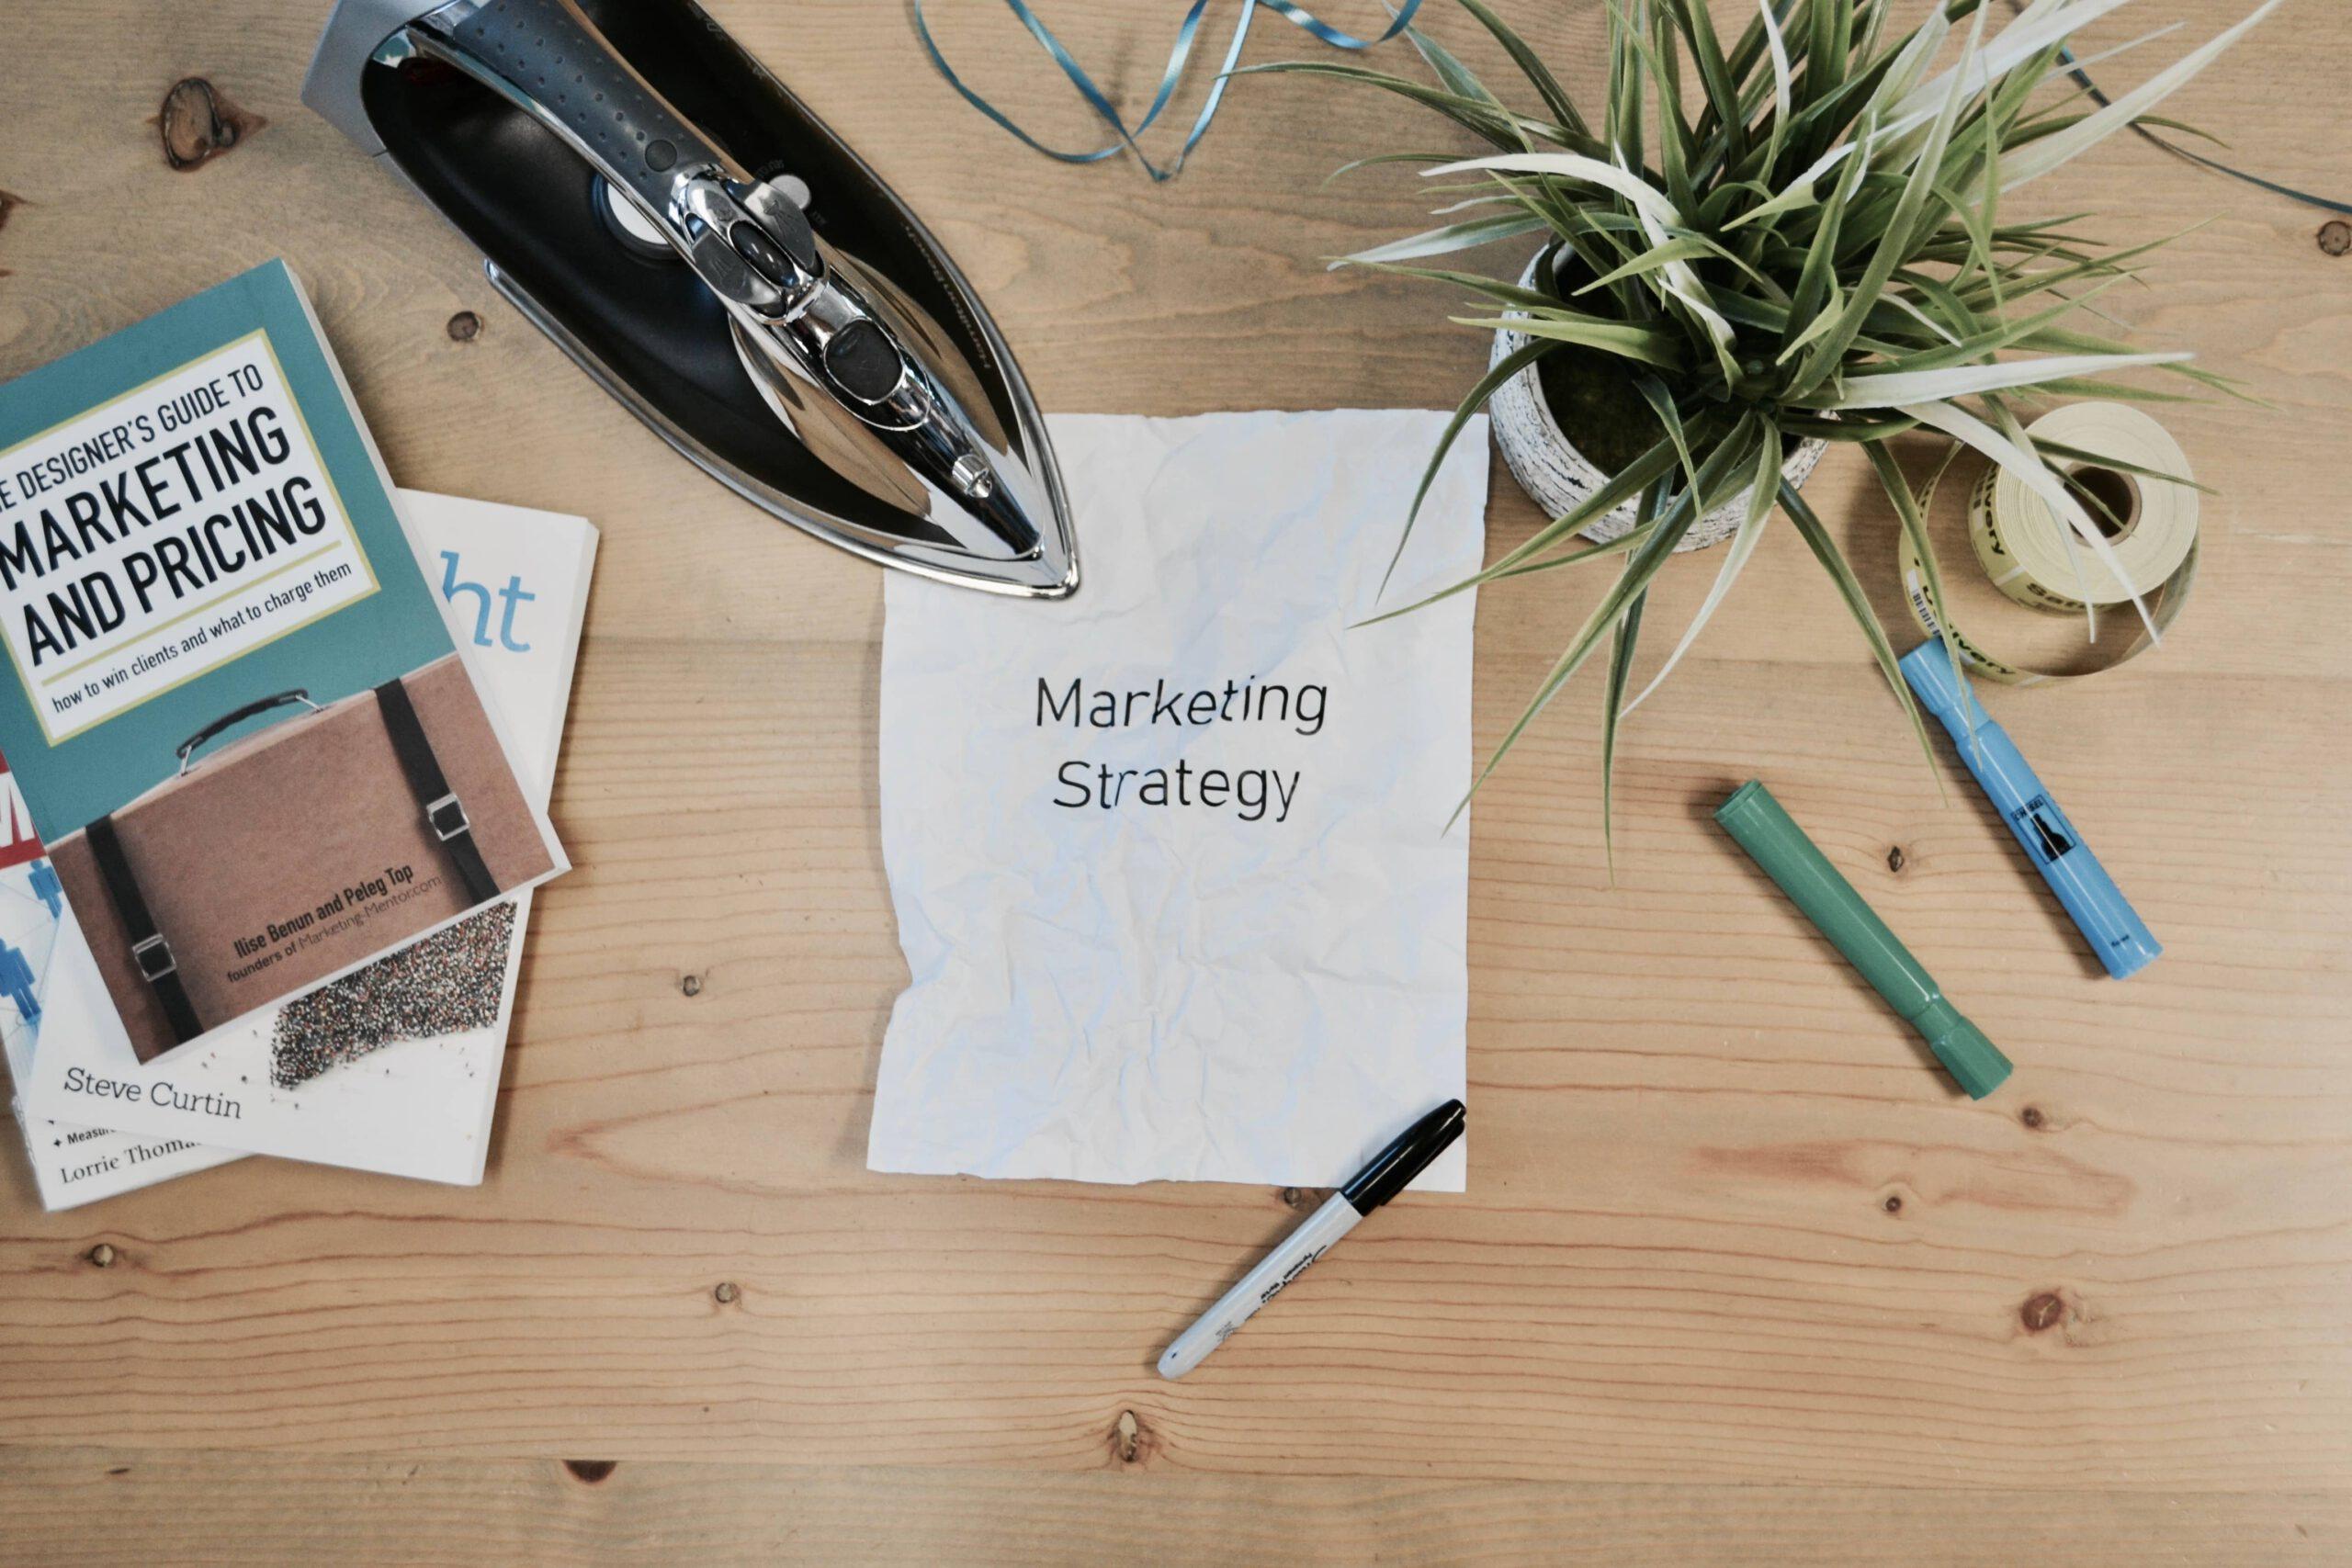 Multimutti - Blog Kategorie - Marketing und Technik